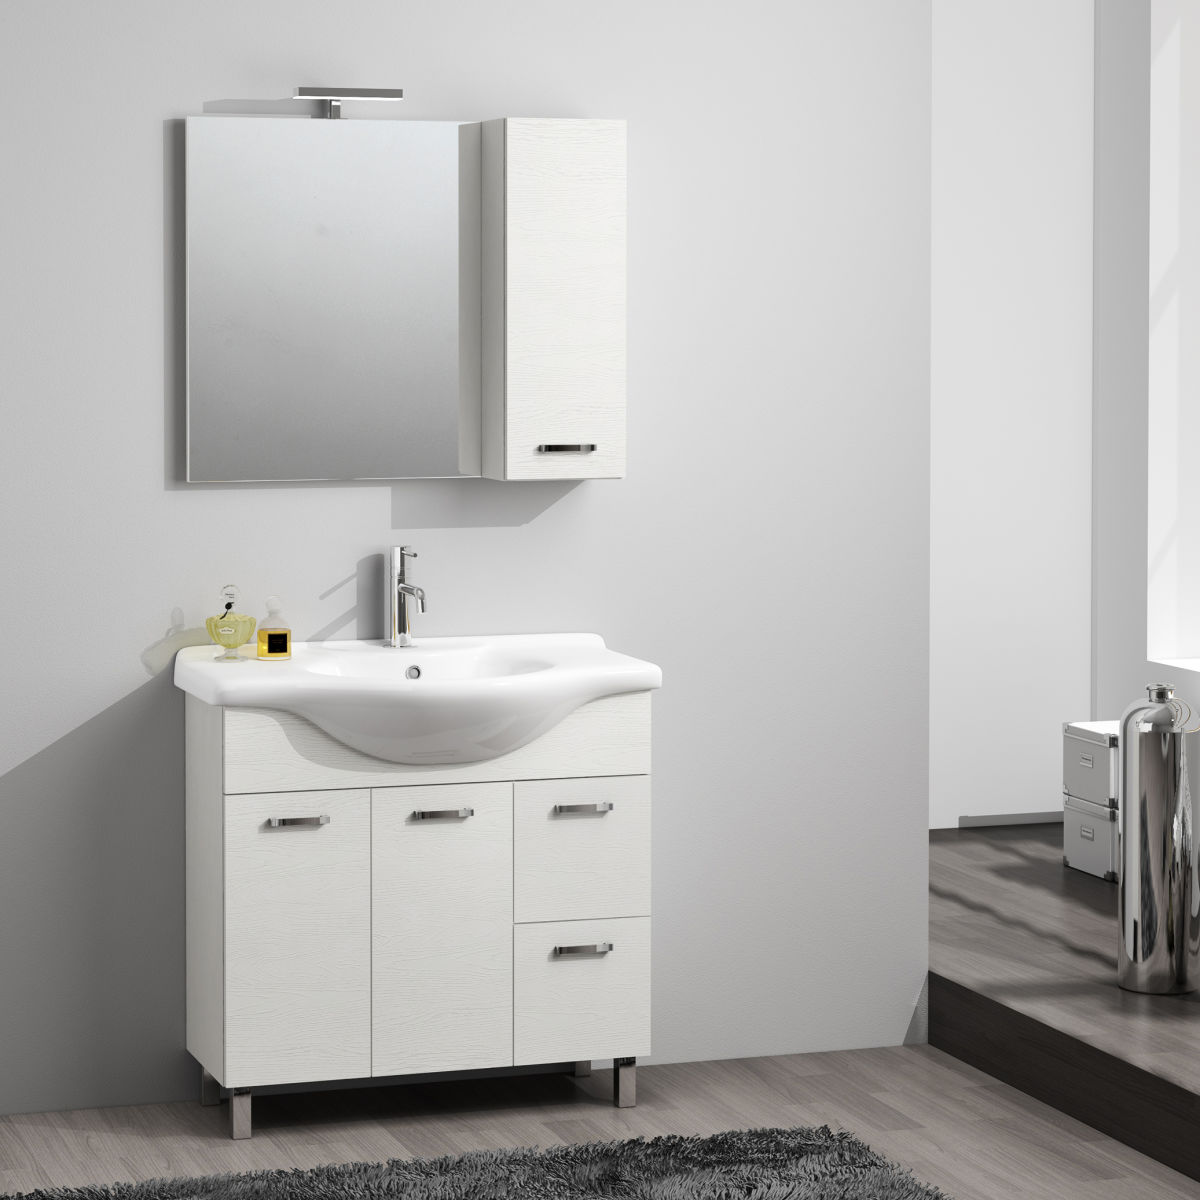 Mobili bagni sospesi bagni moderni con doppio lavabo for Offerta mobili bagno sospesi